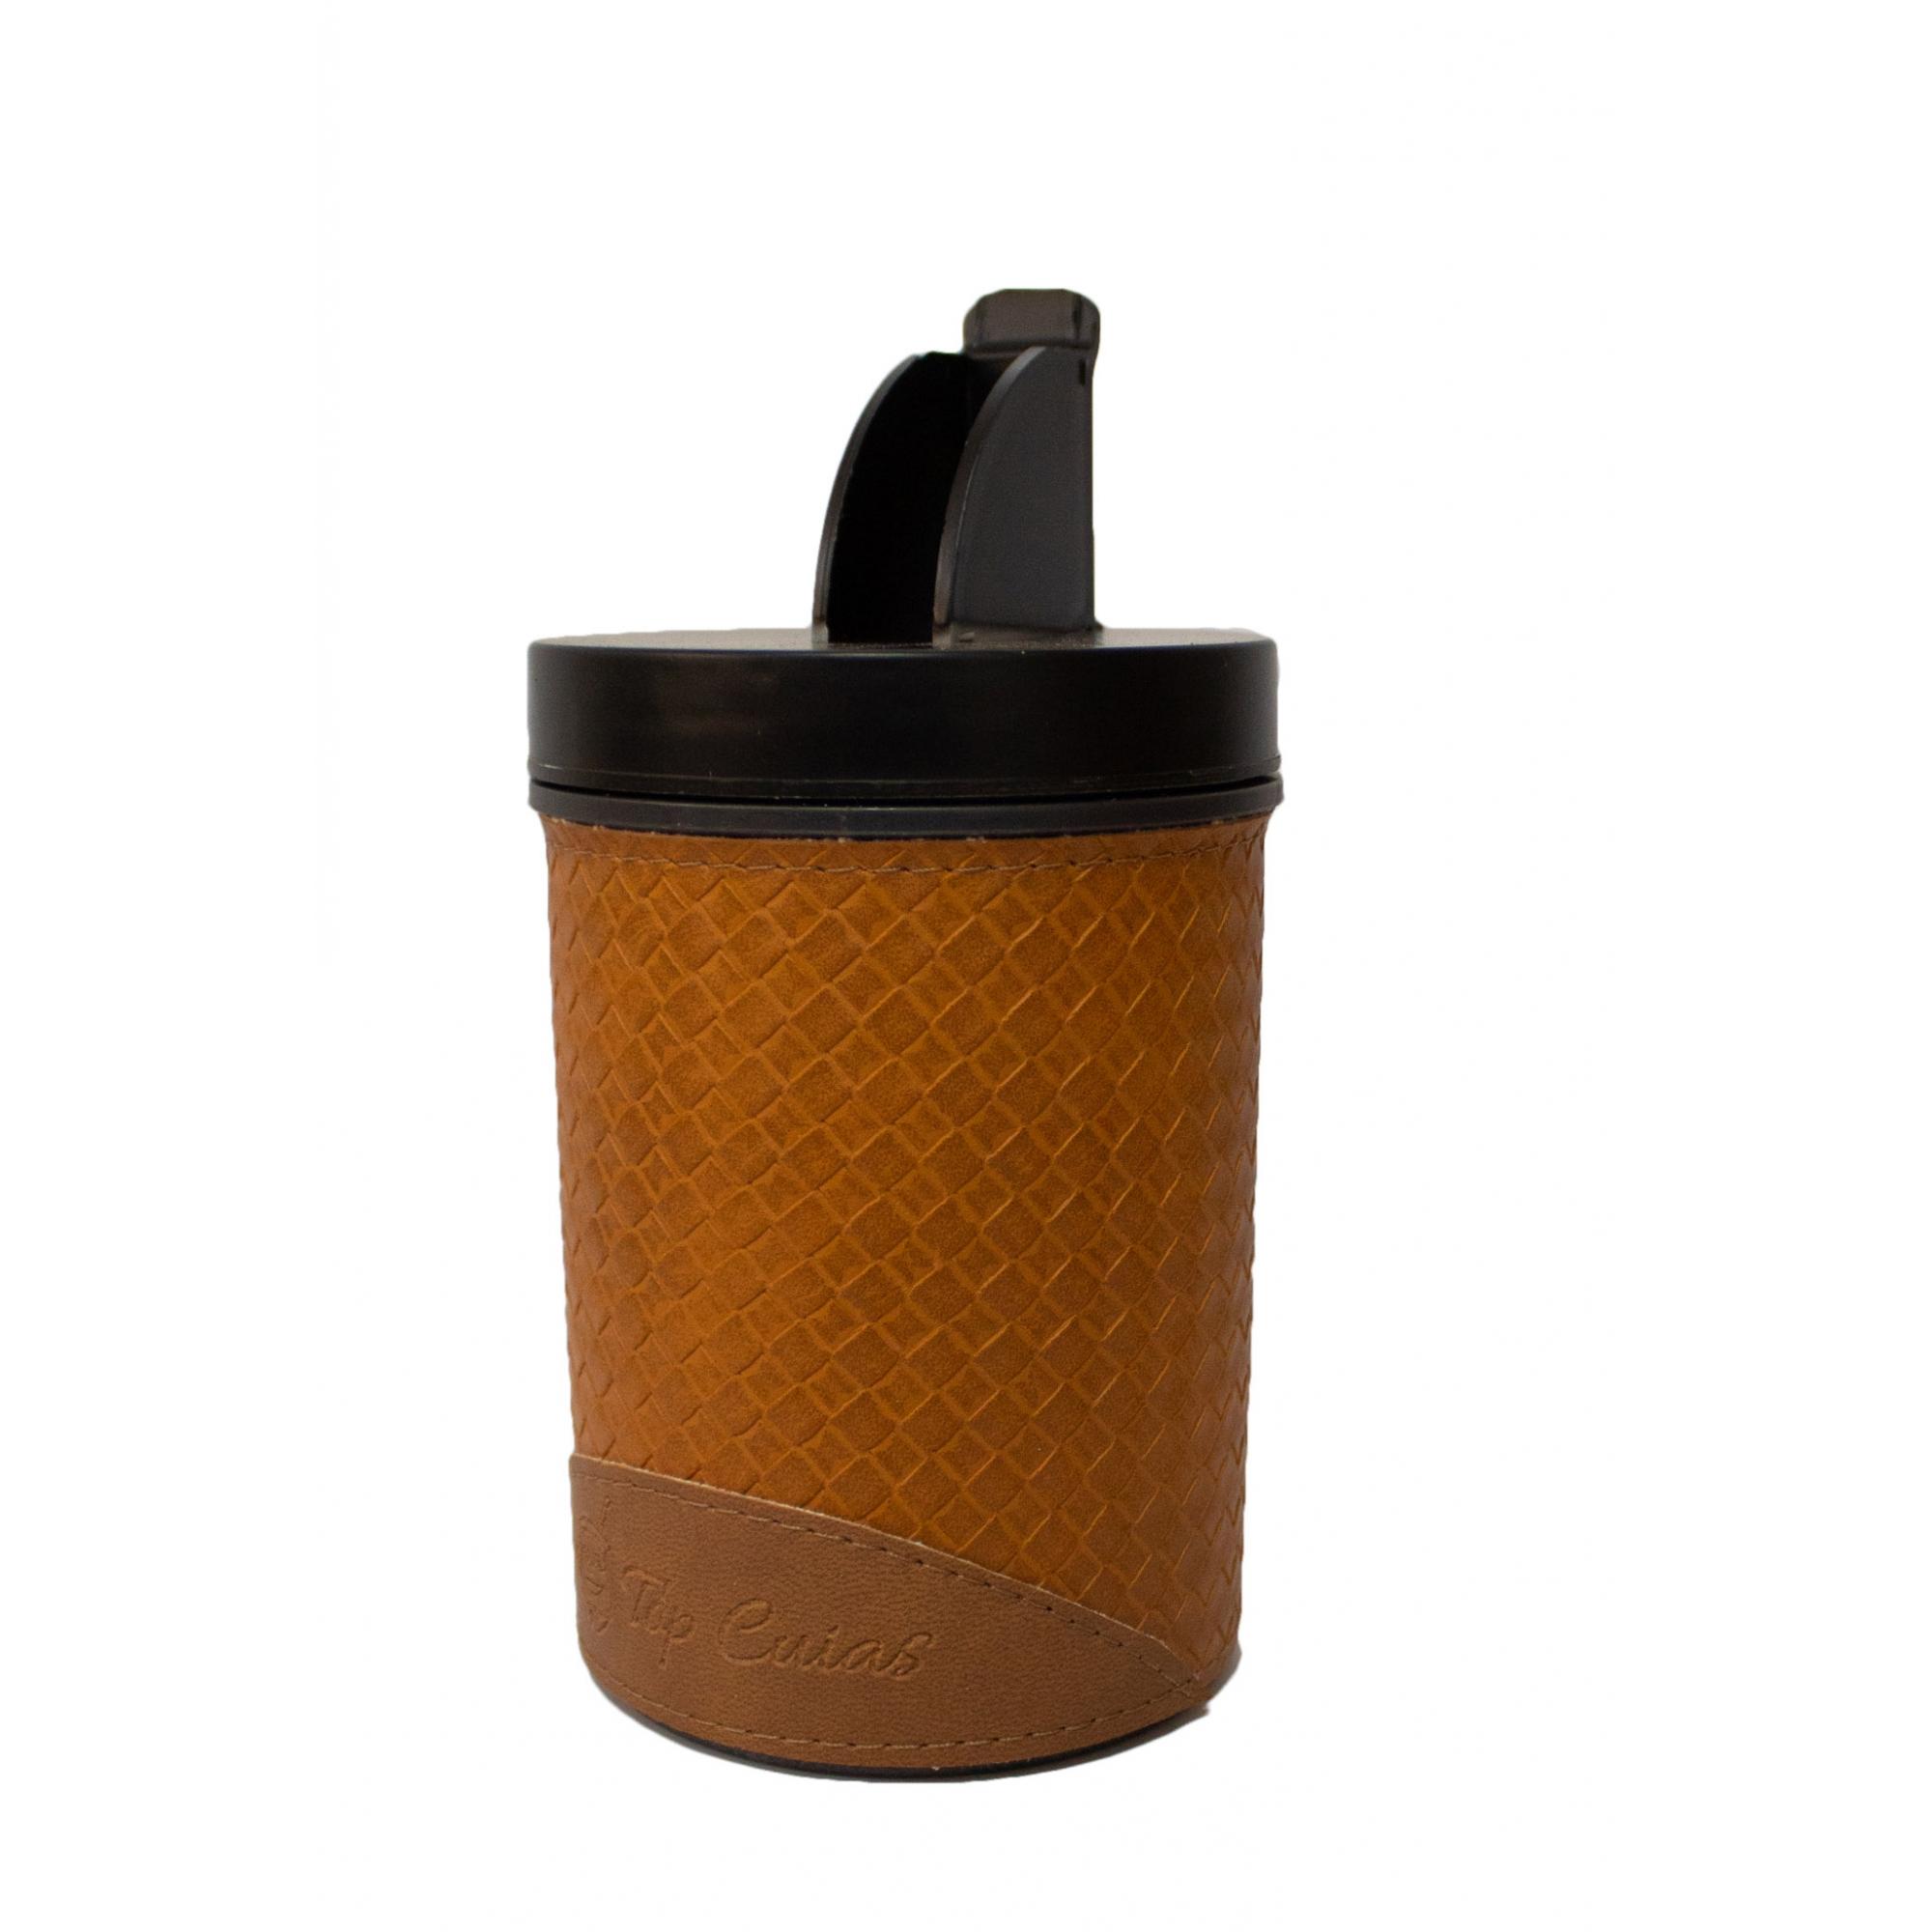 Conjunto chimarrão mateira trançada fechada 1 Litro, térmica, cuia porongo clara, bomba inox e porta erva